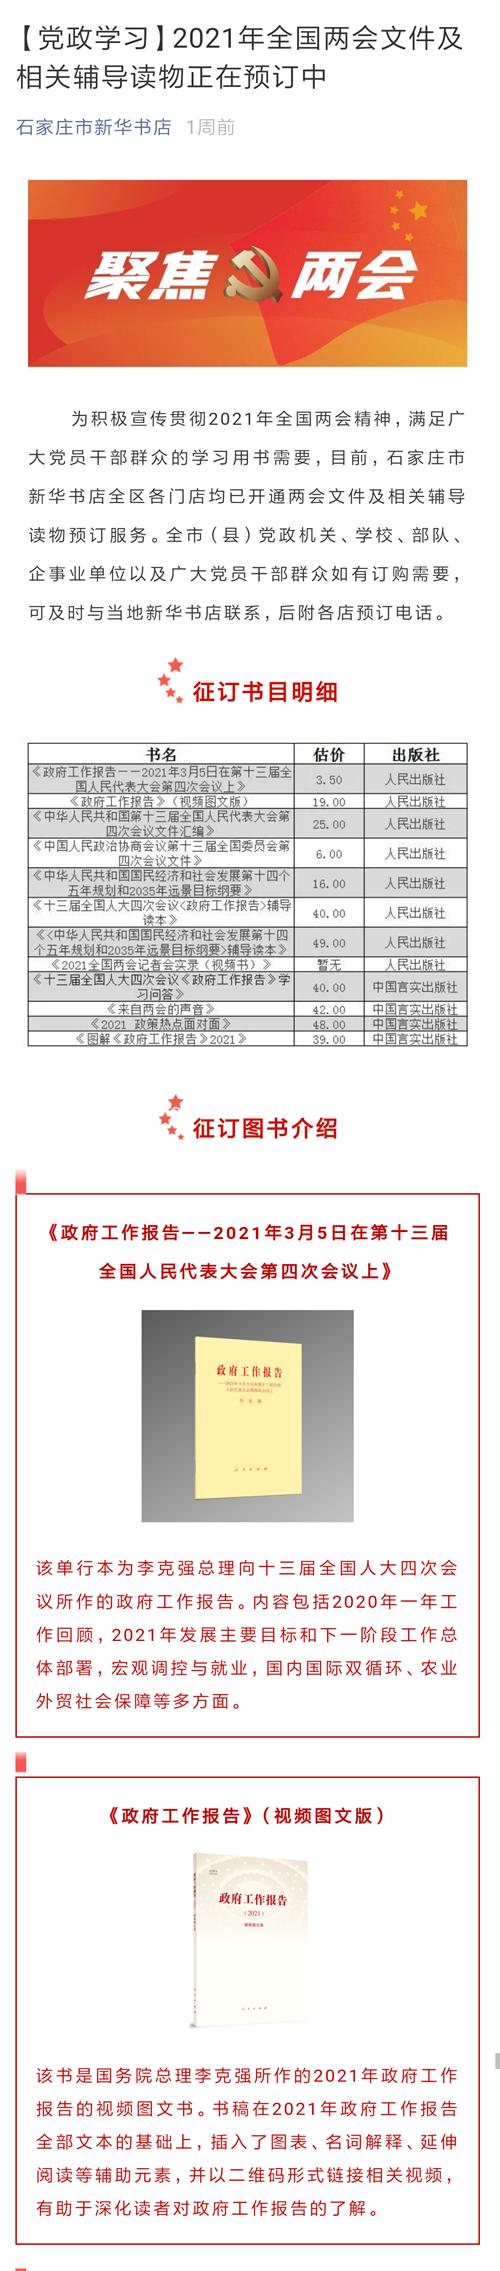 Screenshot_2021-04-01-14-20-46-864_com.tencent.mm_副本.png